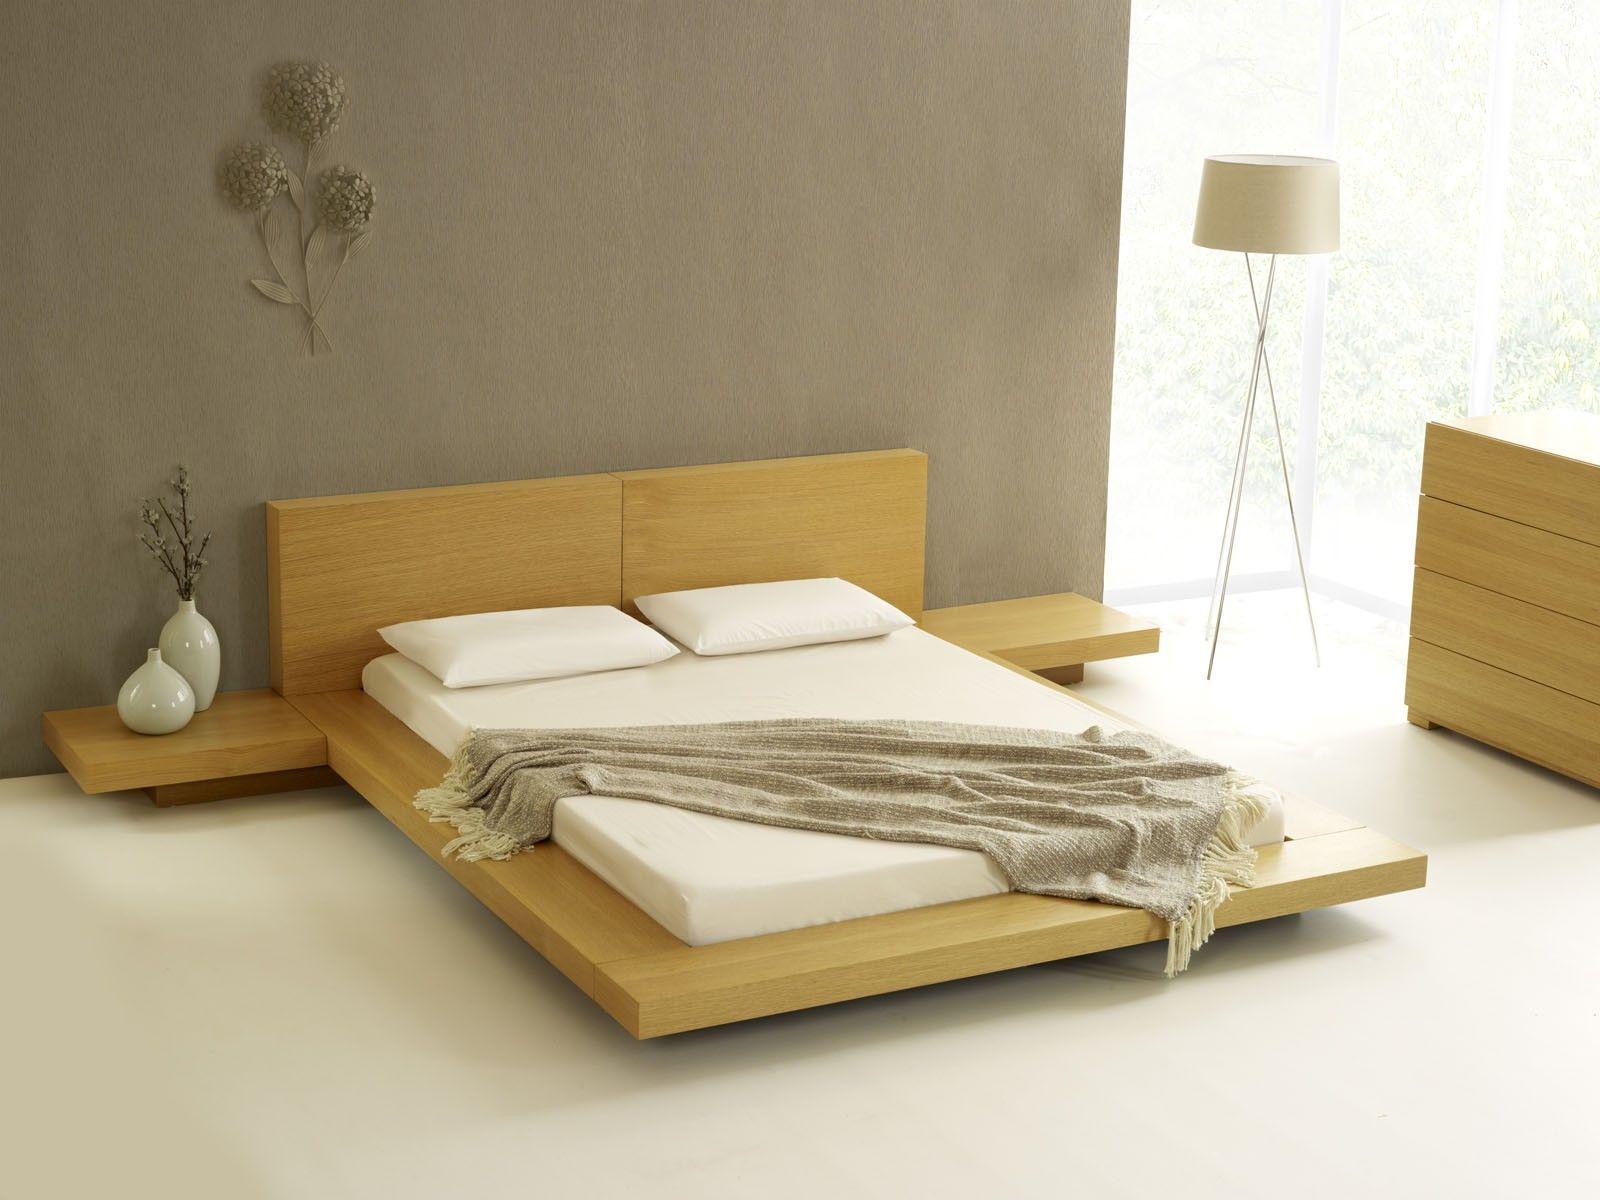 Günstige Plattform Betten, Die Traditionellen Japanischen ...